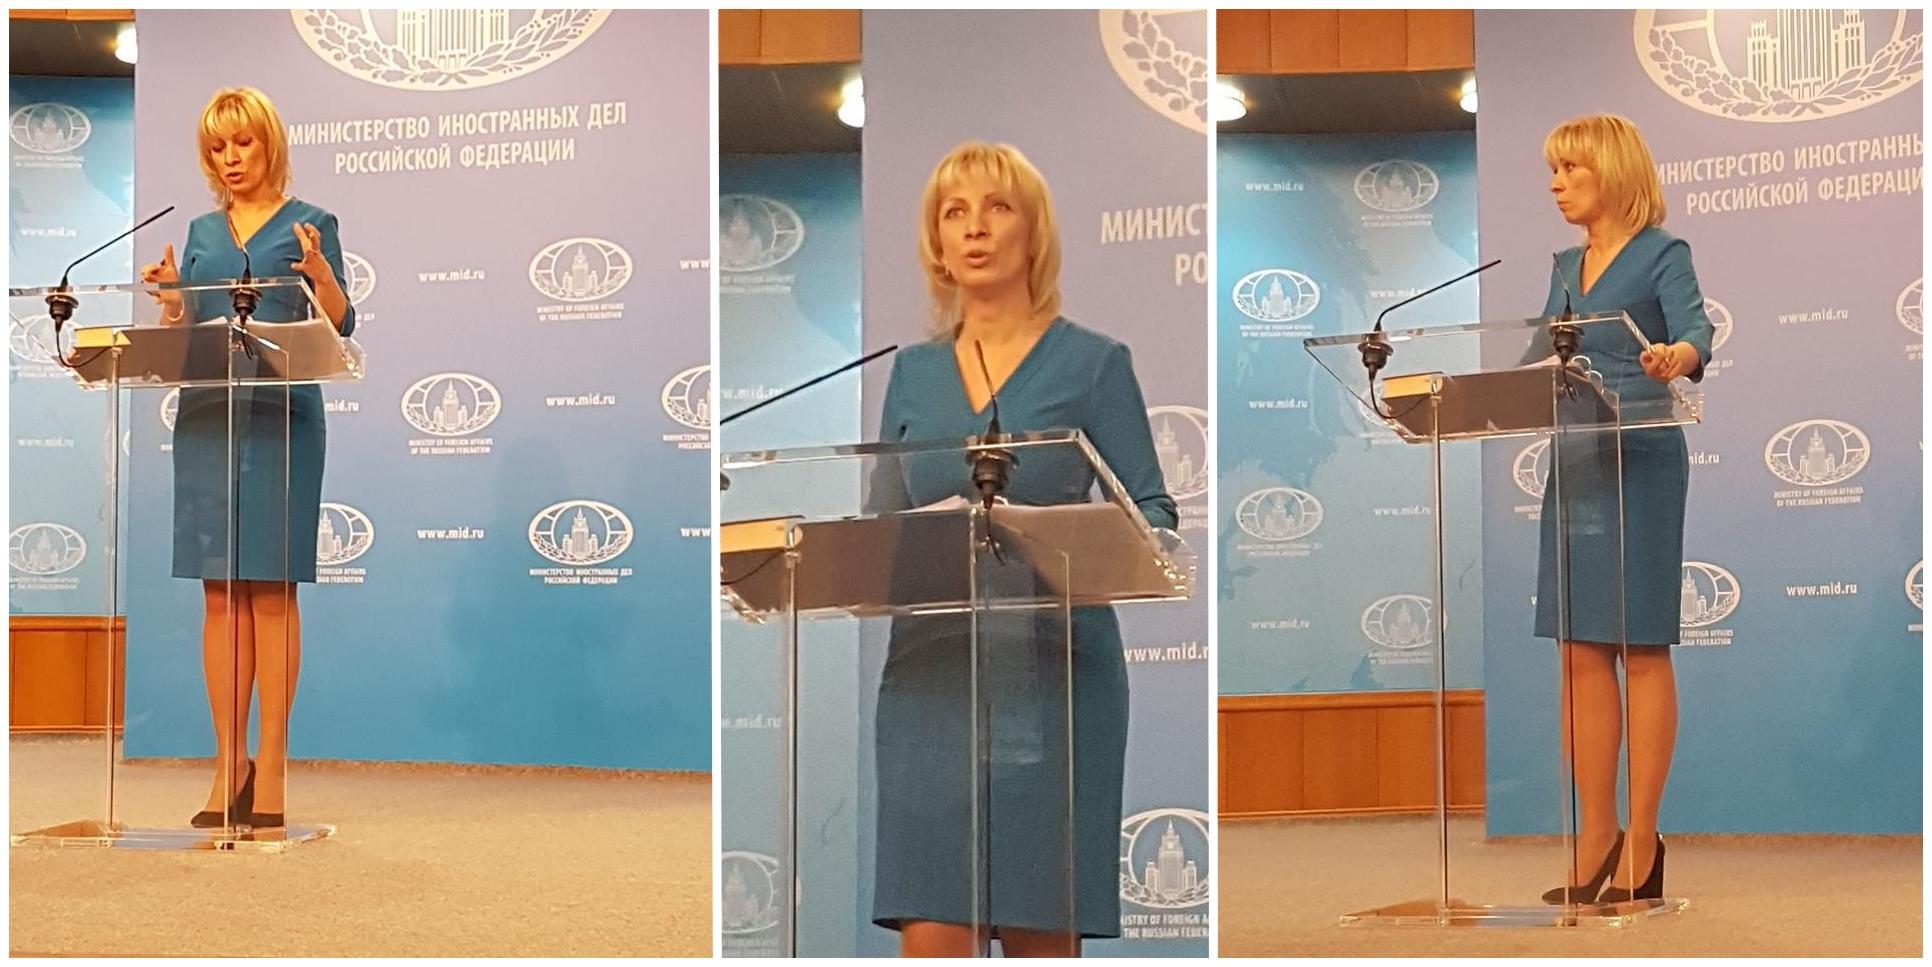 Здравейте, на днешния Брифинг с Мария Владимировна Захарова